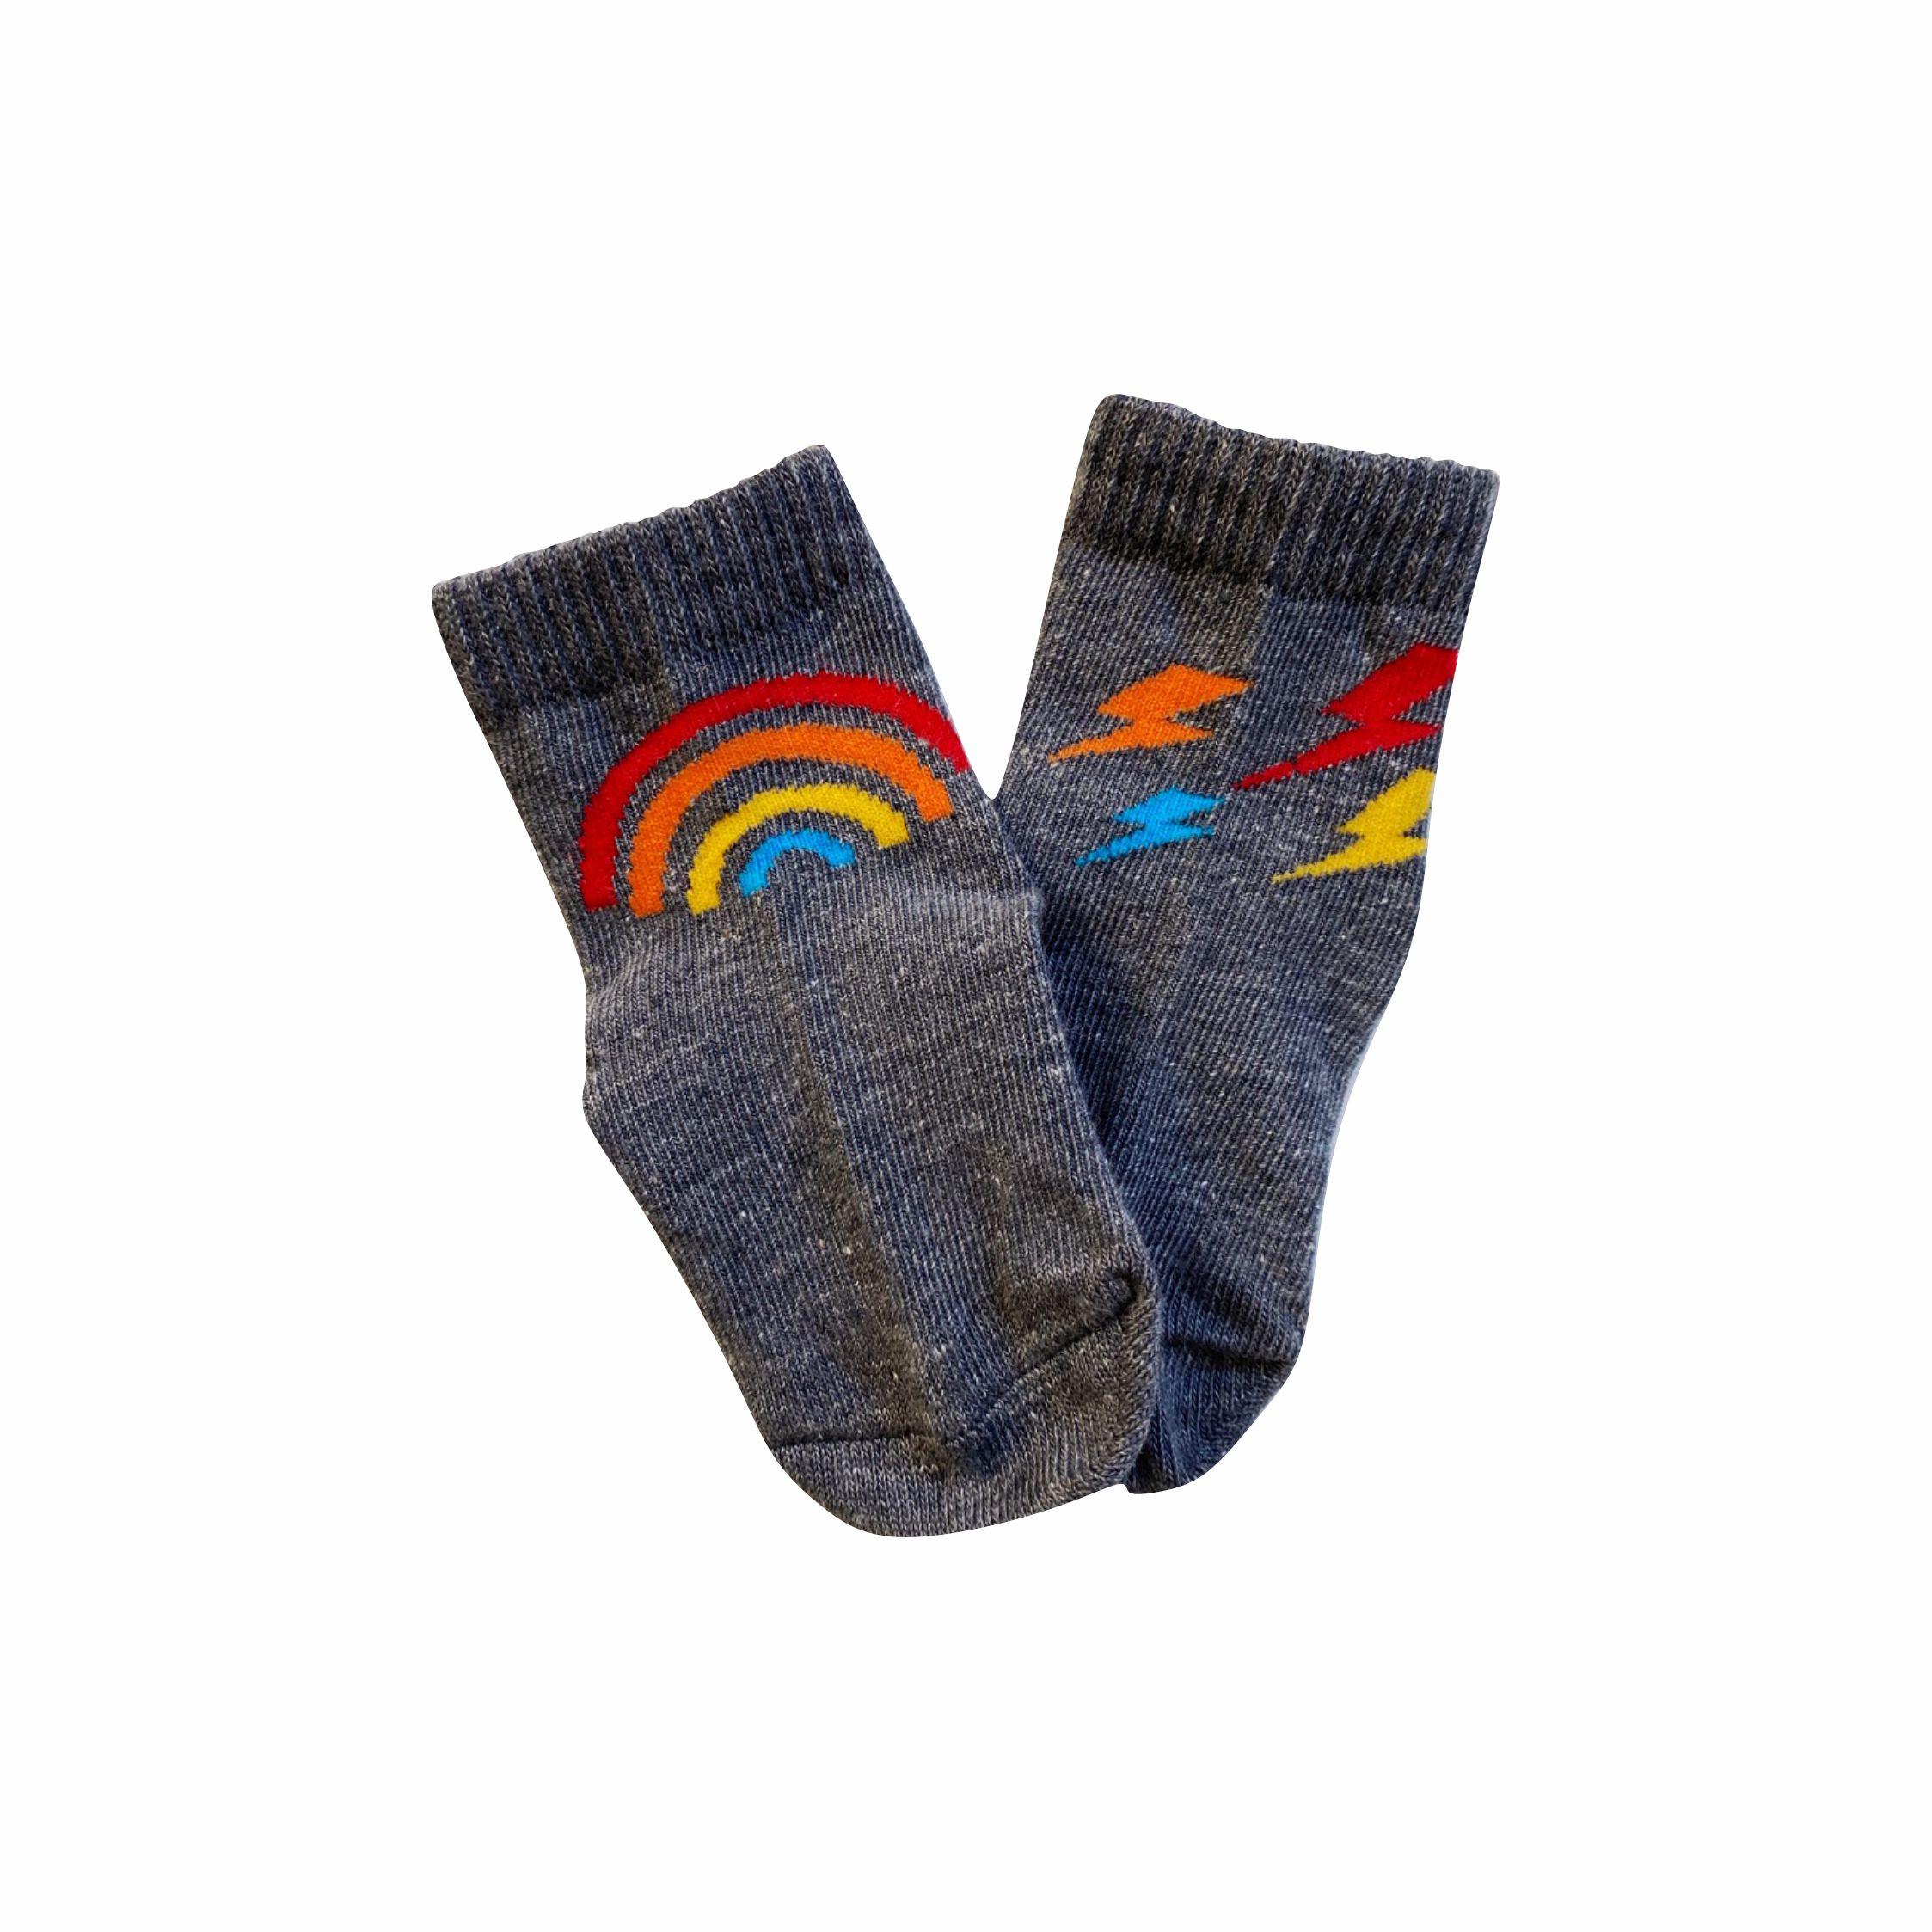 meia-soquete-arco-iris-e-raio-tam-35-ao-39-cantarola